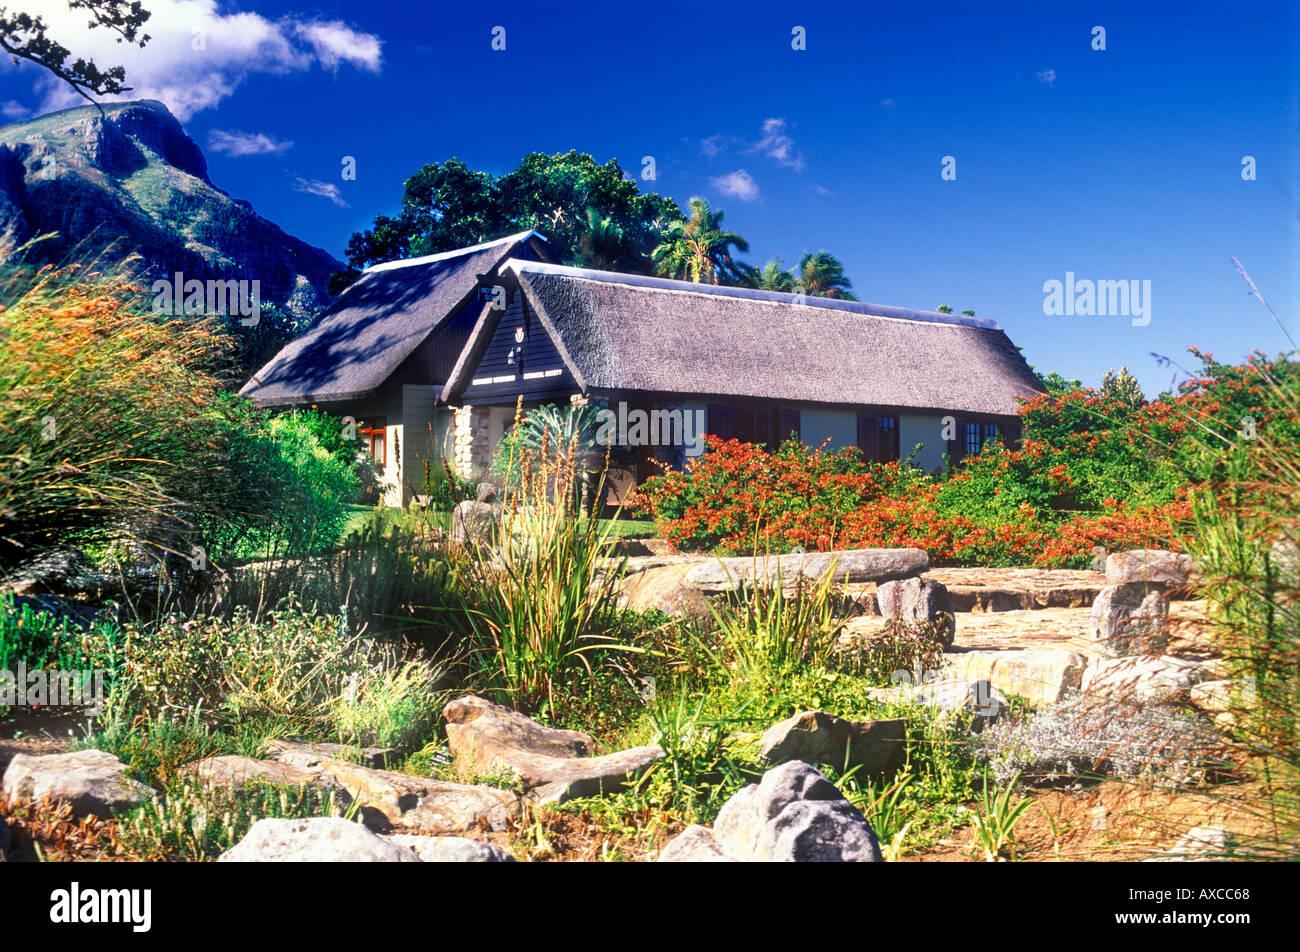 Kirstenbosch Botanical Gardens Restaurant Cape Town South Africa